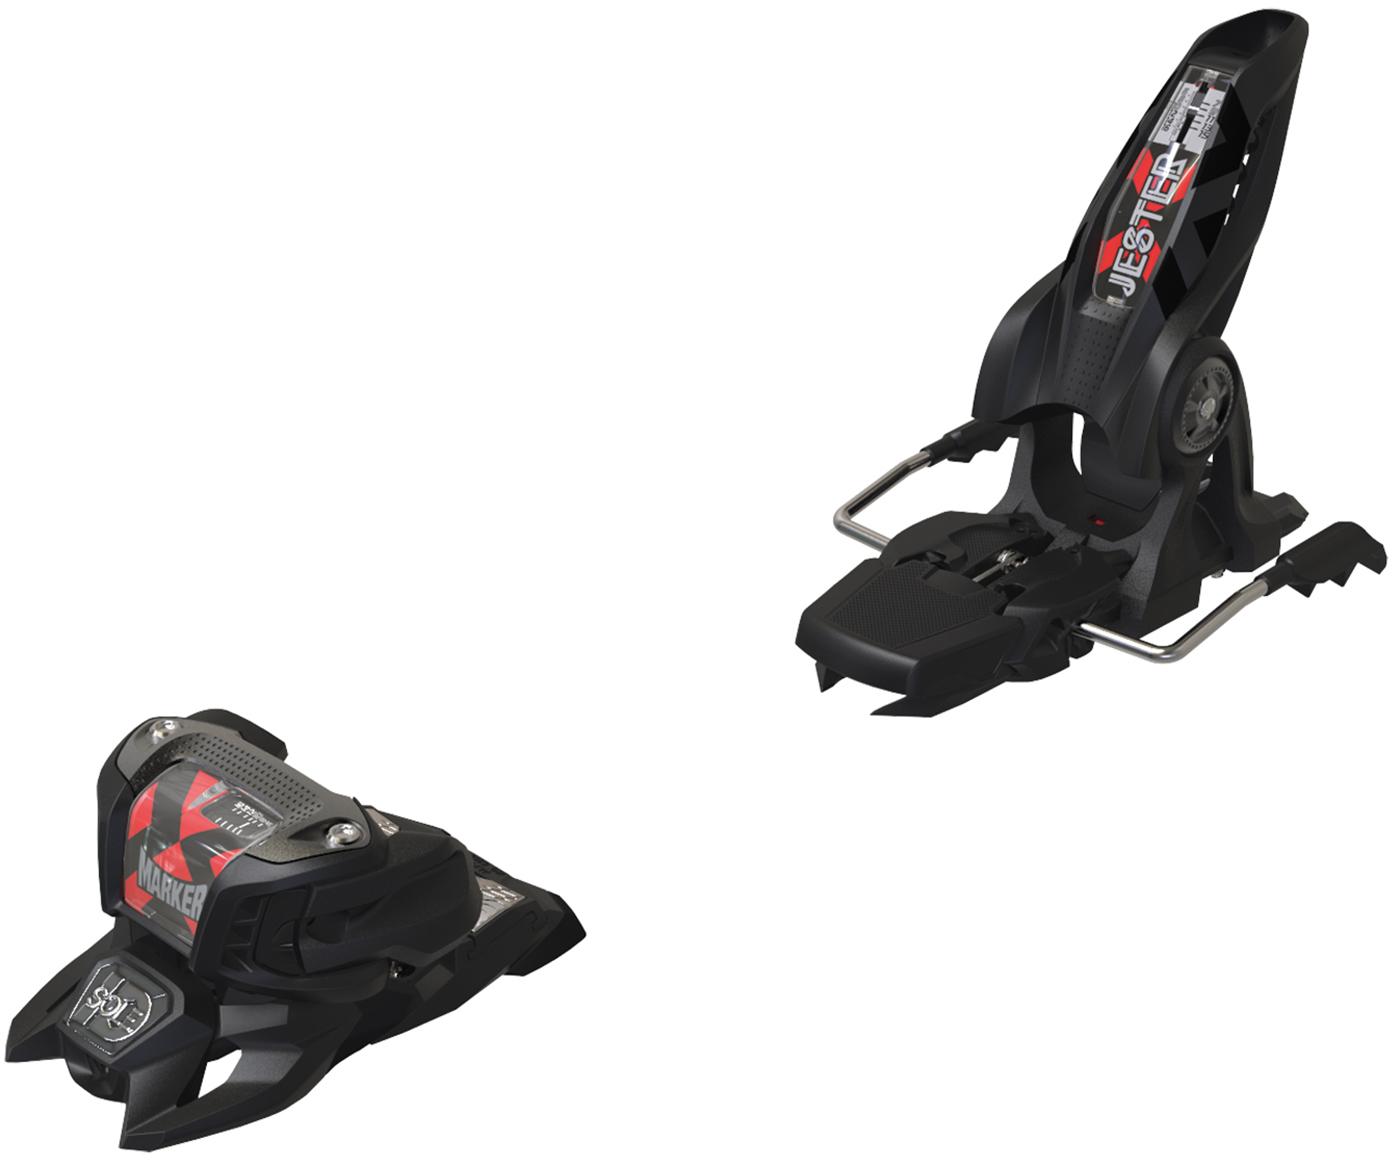 Marker Крепления для горных лыж Marker Jester 16; 136 мм nordway ботинки для беговых лыж детские nordway alta 75 mm